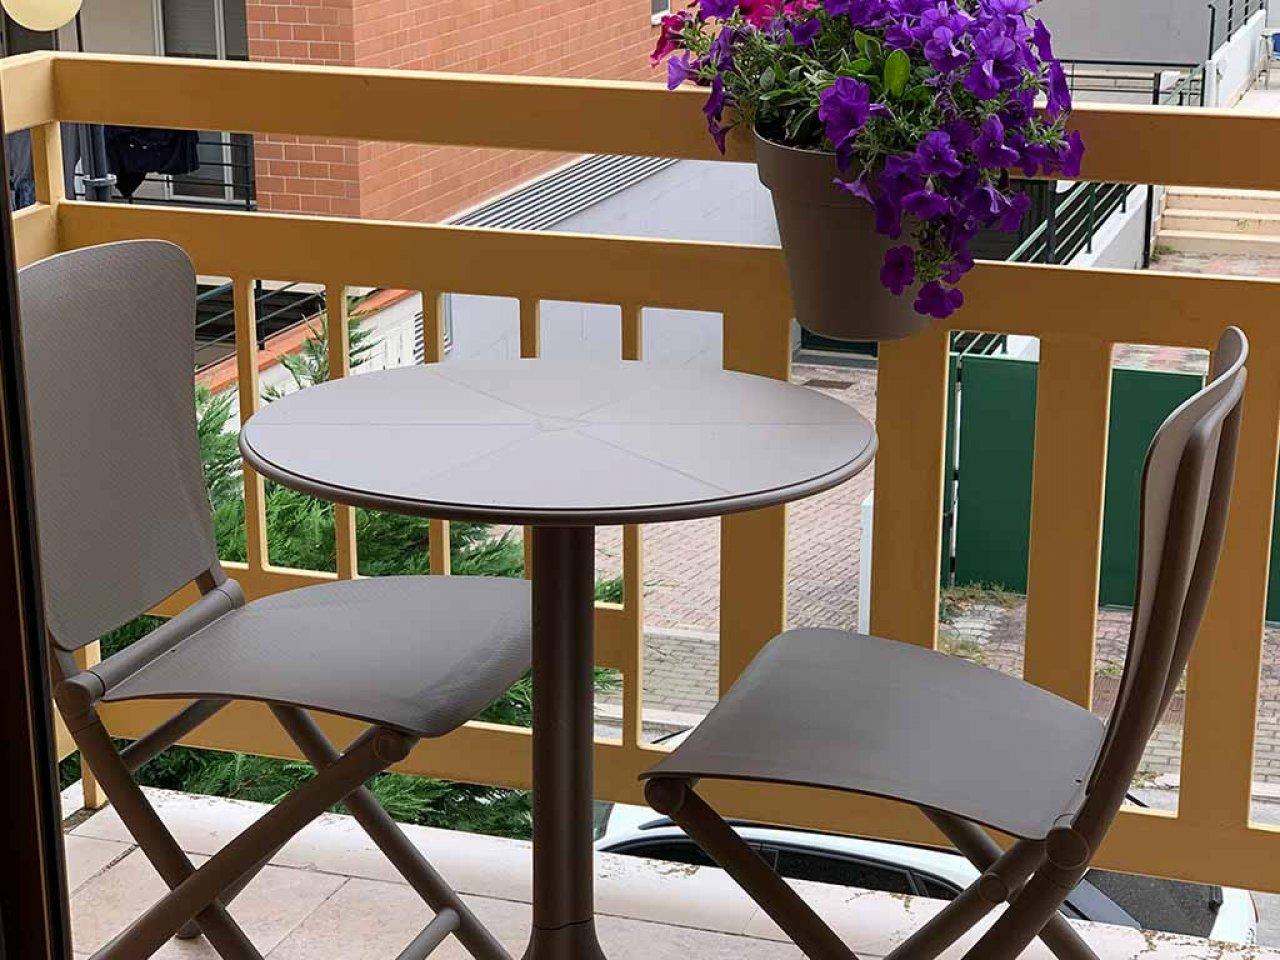 Scopri i Testimonial del prodotto Set tavolino Spritz con sedia Zac